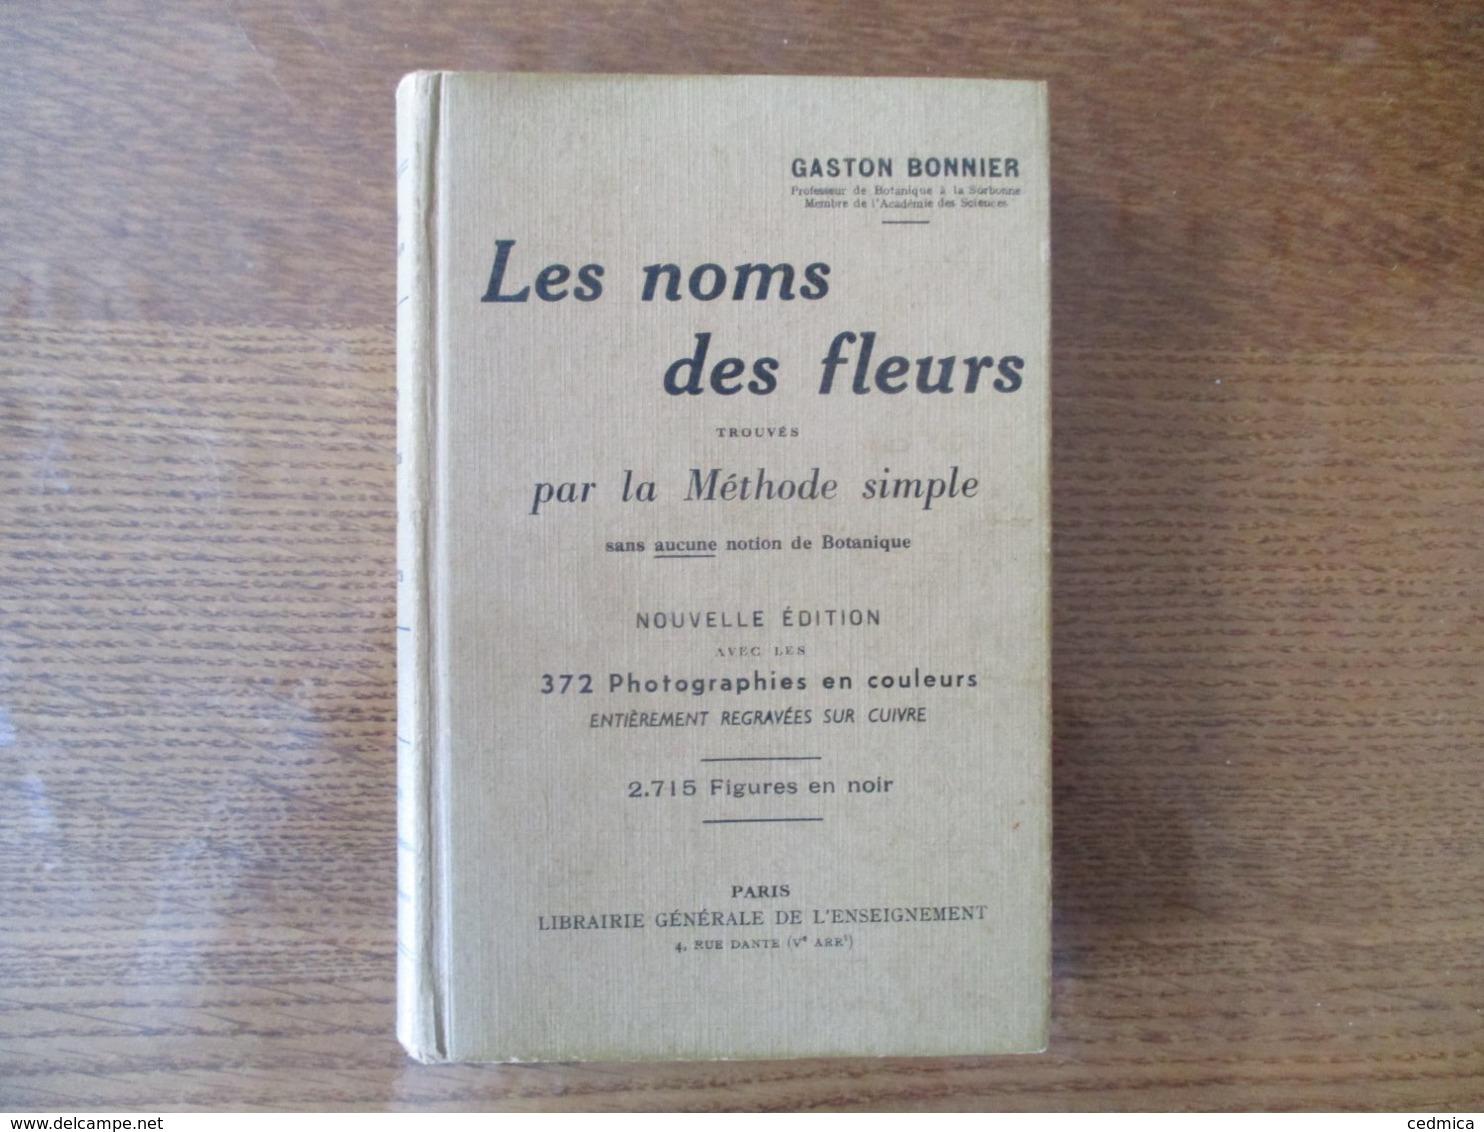 LES NOMS DES FLEURS TROUVES PAR LA METHODE SIMPLE GASTON BONHEUR 338 PAGES 372 PHOTOGRAPHIES EN COULEURS 2715 FIGURES EN - Sciences